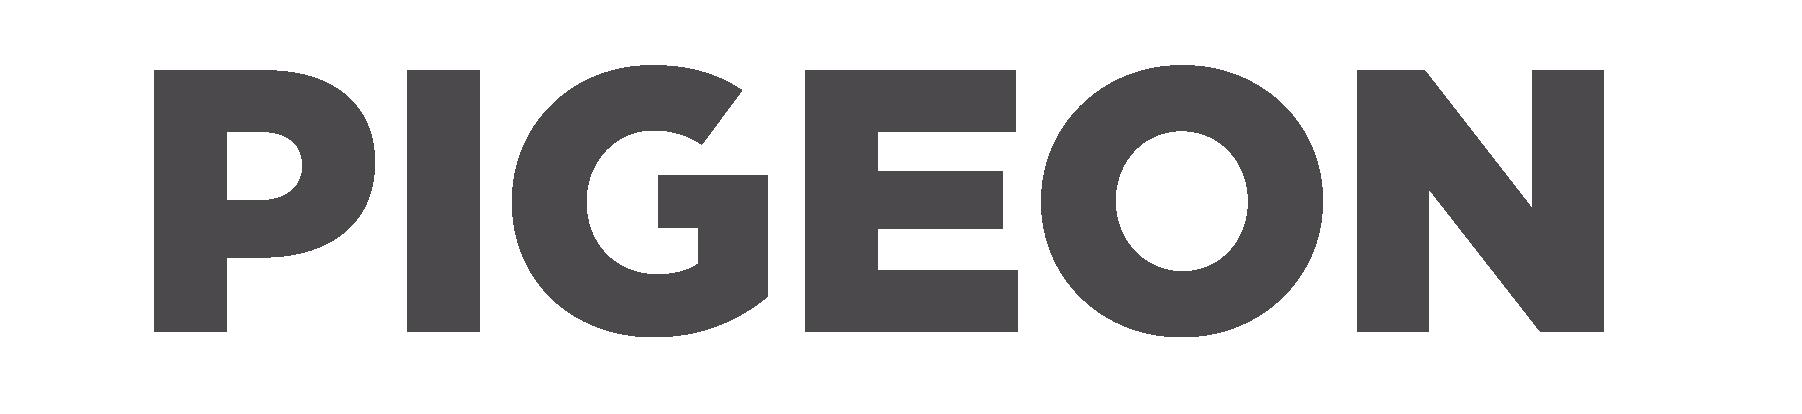 pigeon-logo-01.png